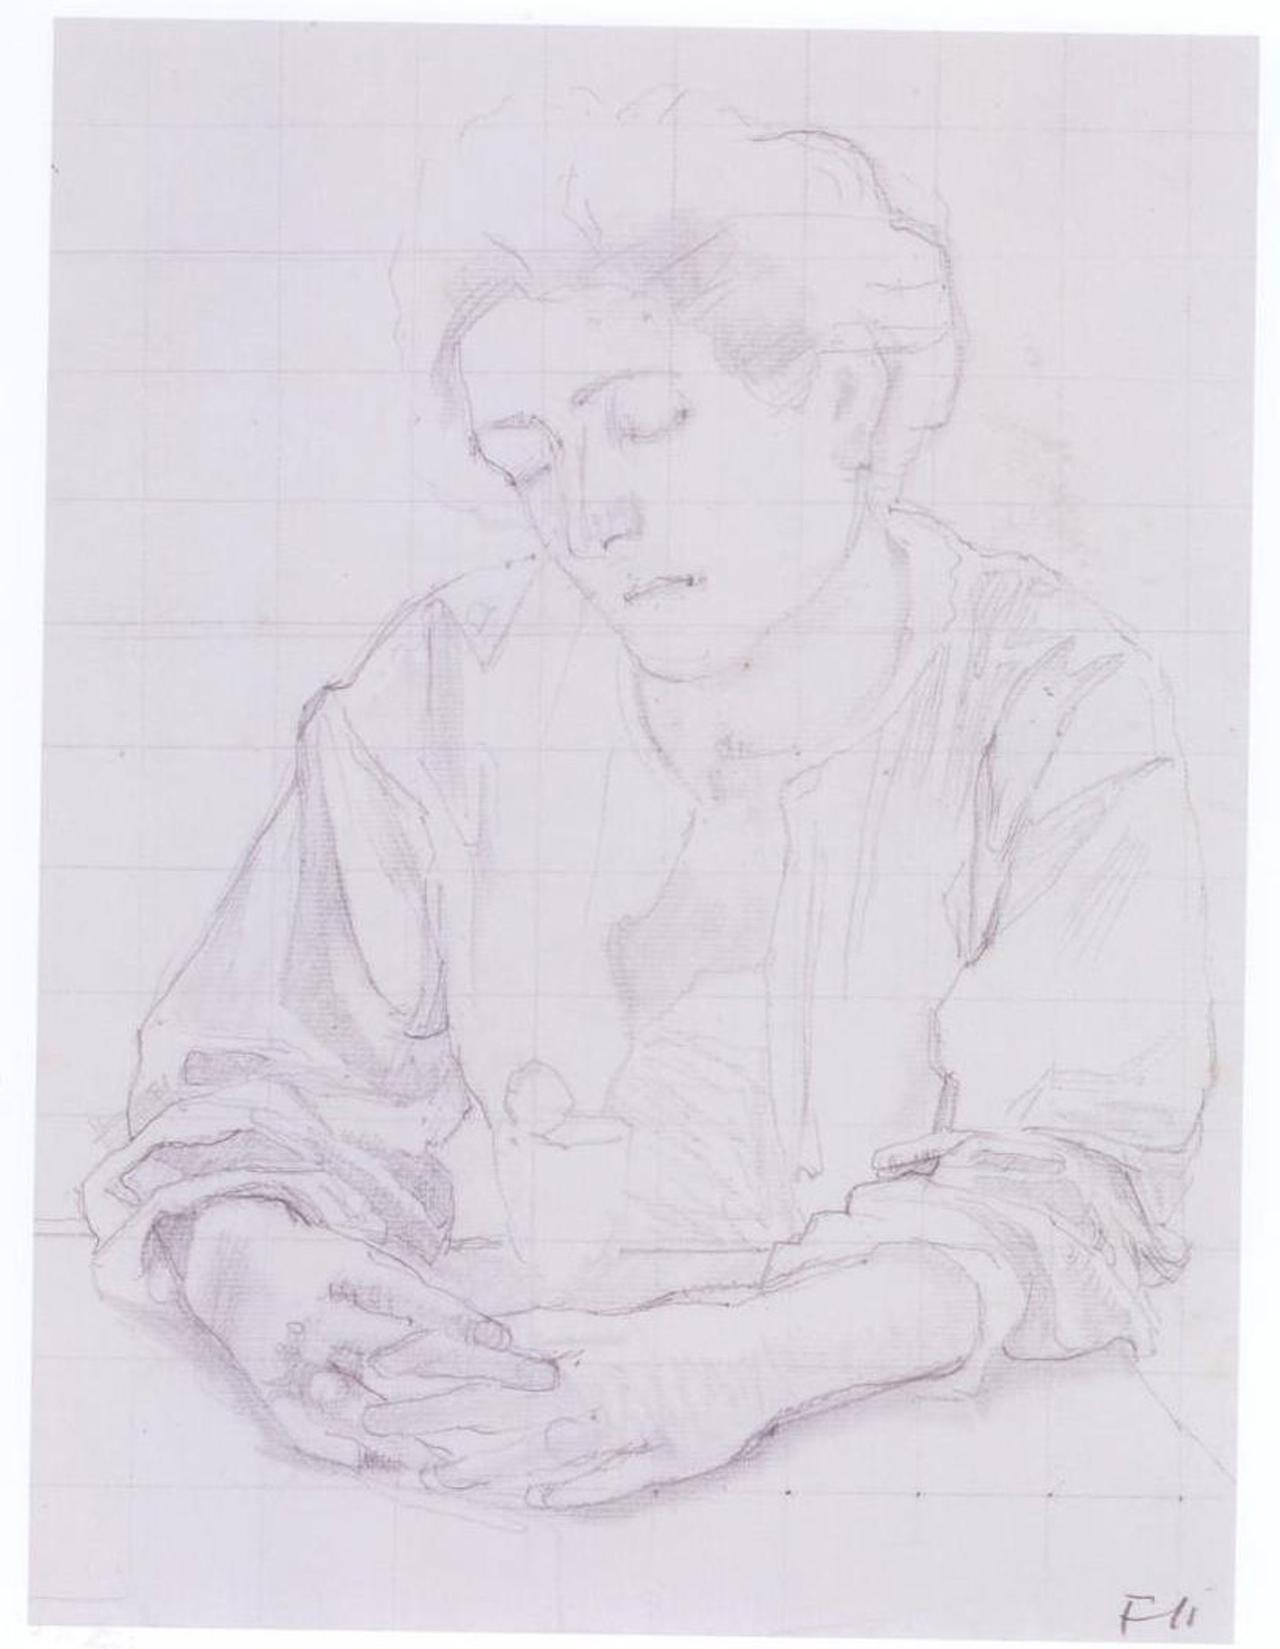 """Ferdinand Hodler, Studie zu """"Frau mit Nelke"""", um 1891/1892, Bleistift auf Papier, 37 x 28 cm"""